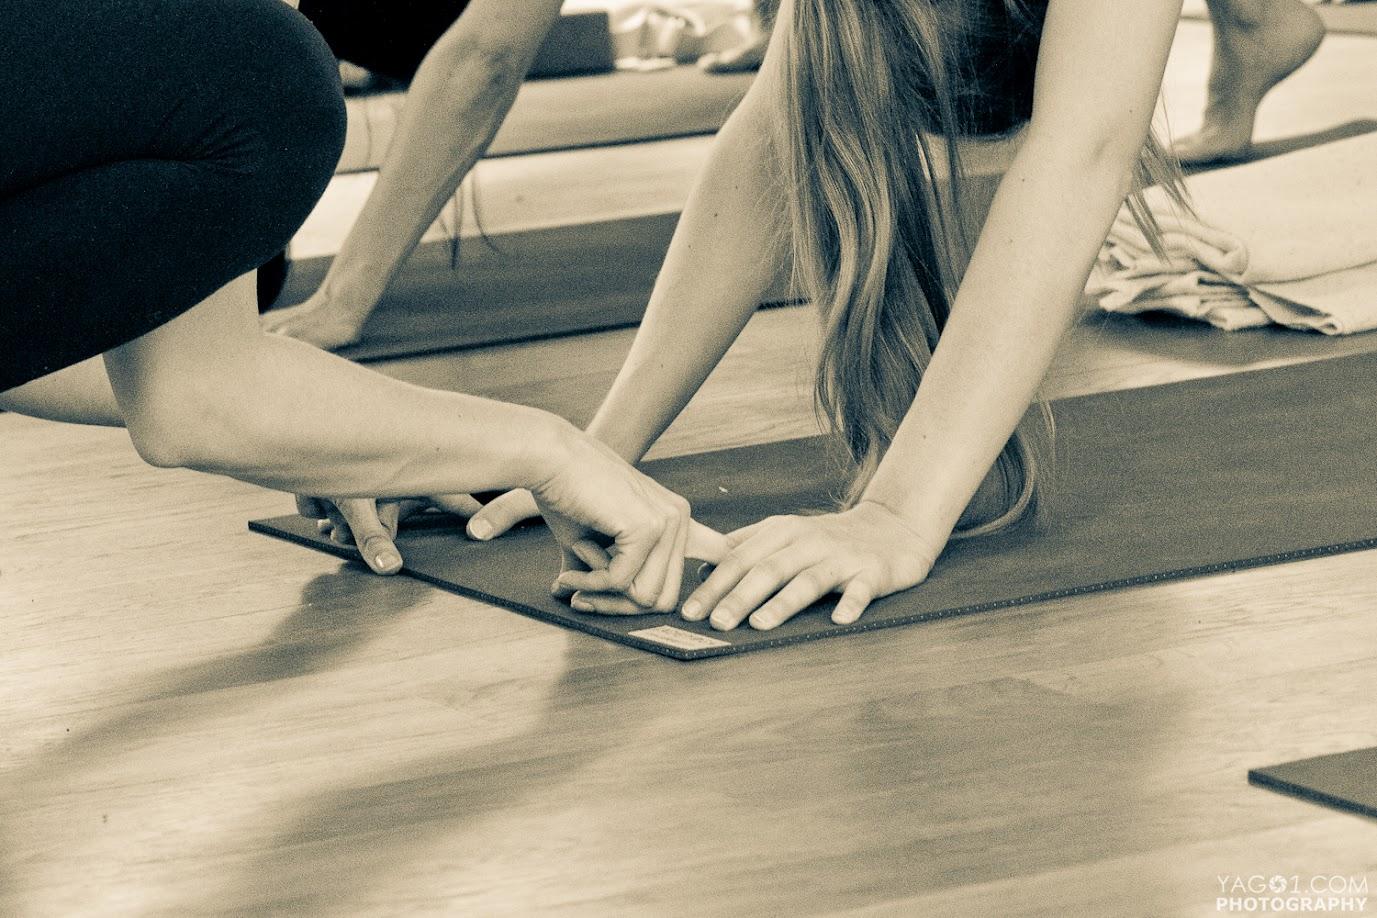 Hands adjustment